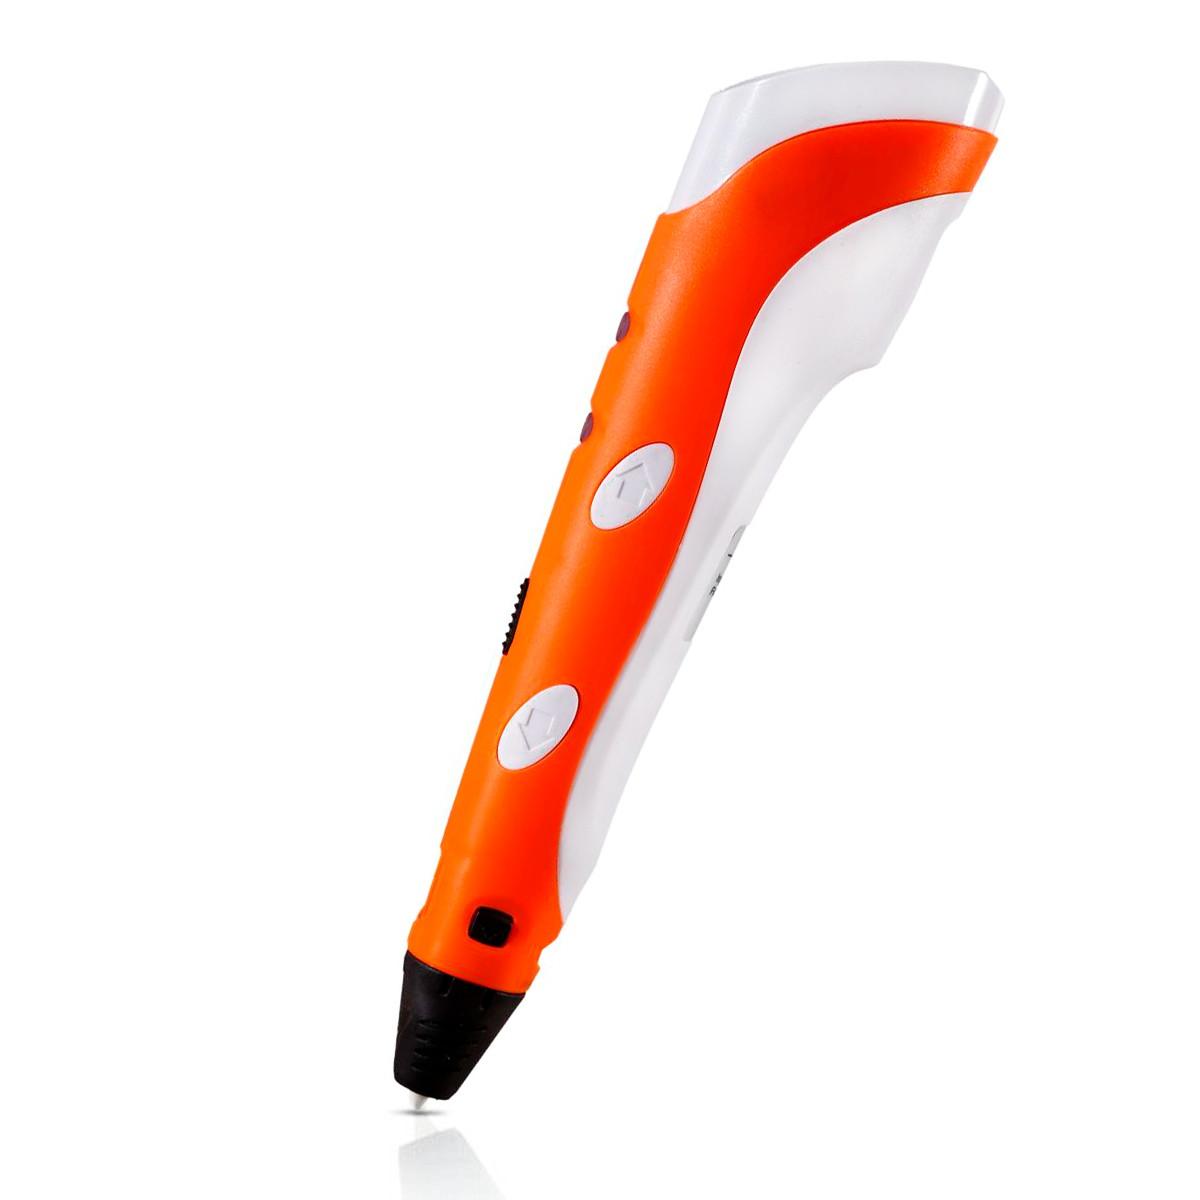 3D ручка Myriwell RP100A оранжевая купить украина